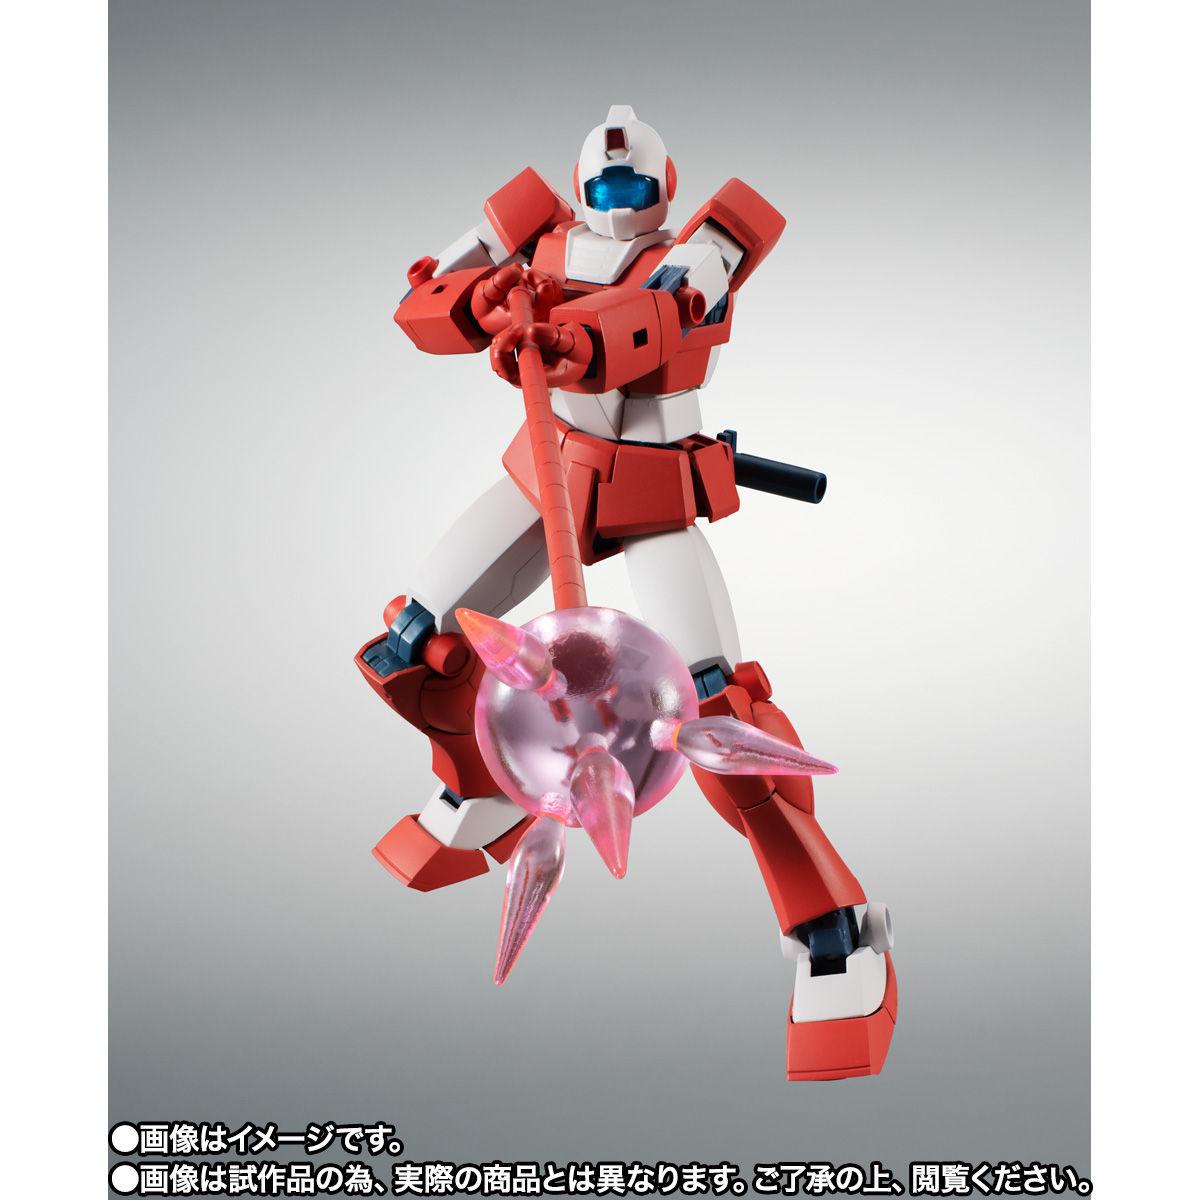 【限定販売】ROBOT魂〈SIDE MS〉『RGM-79L ジム・ライトアーマー ver. A.N.I.M.E.』ガンダムMSV 可動フィギュア-009